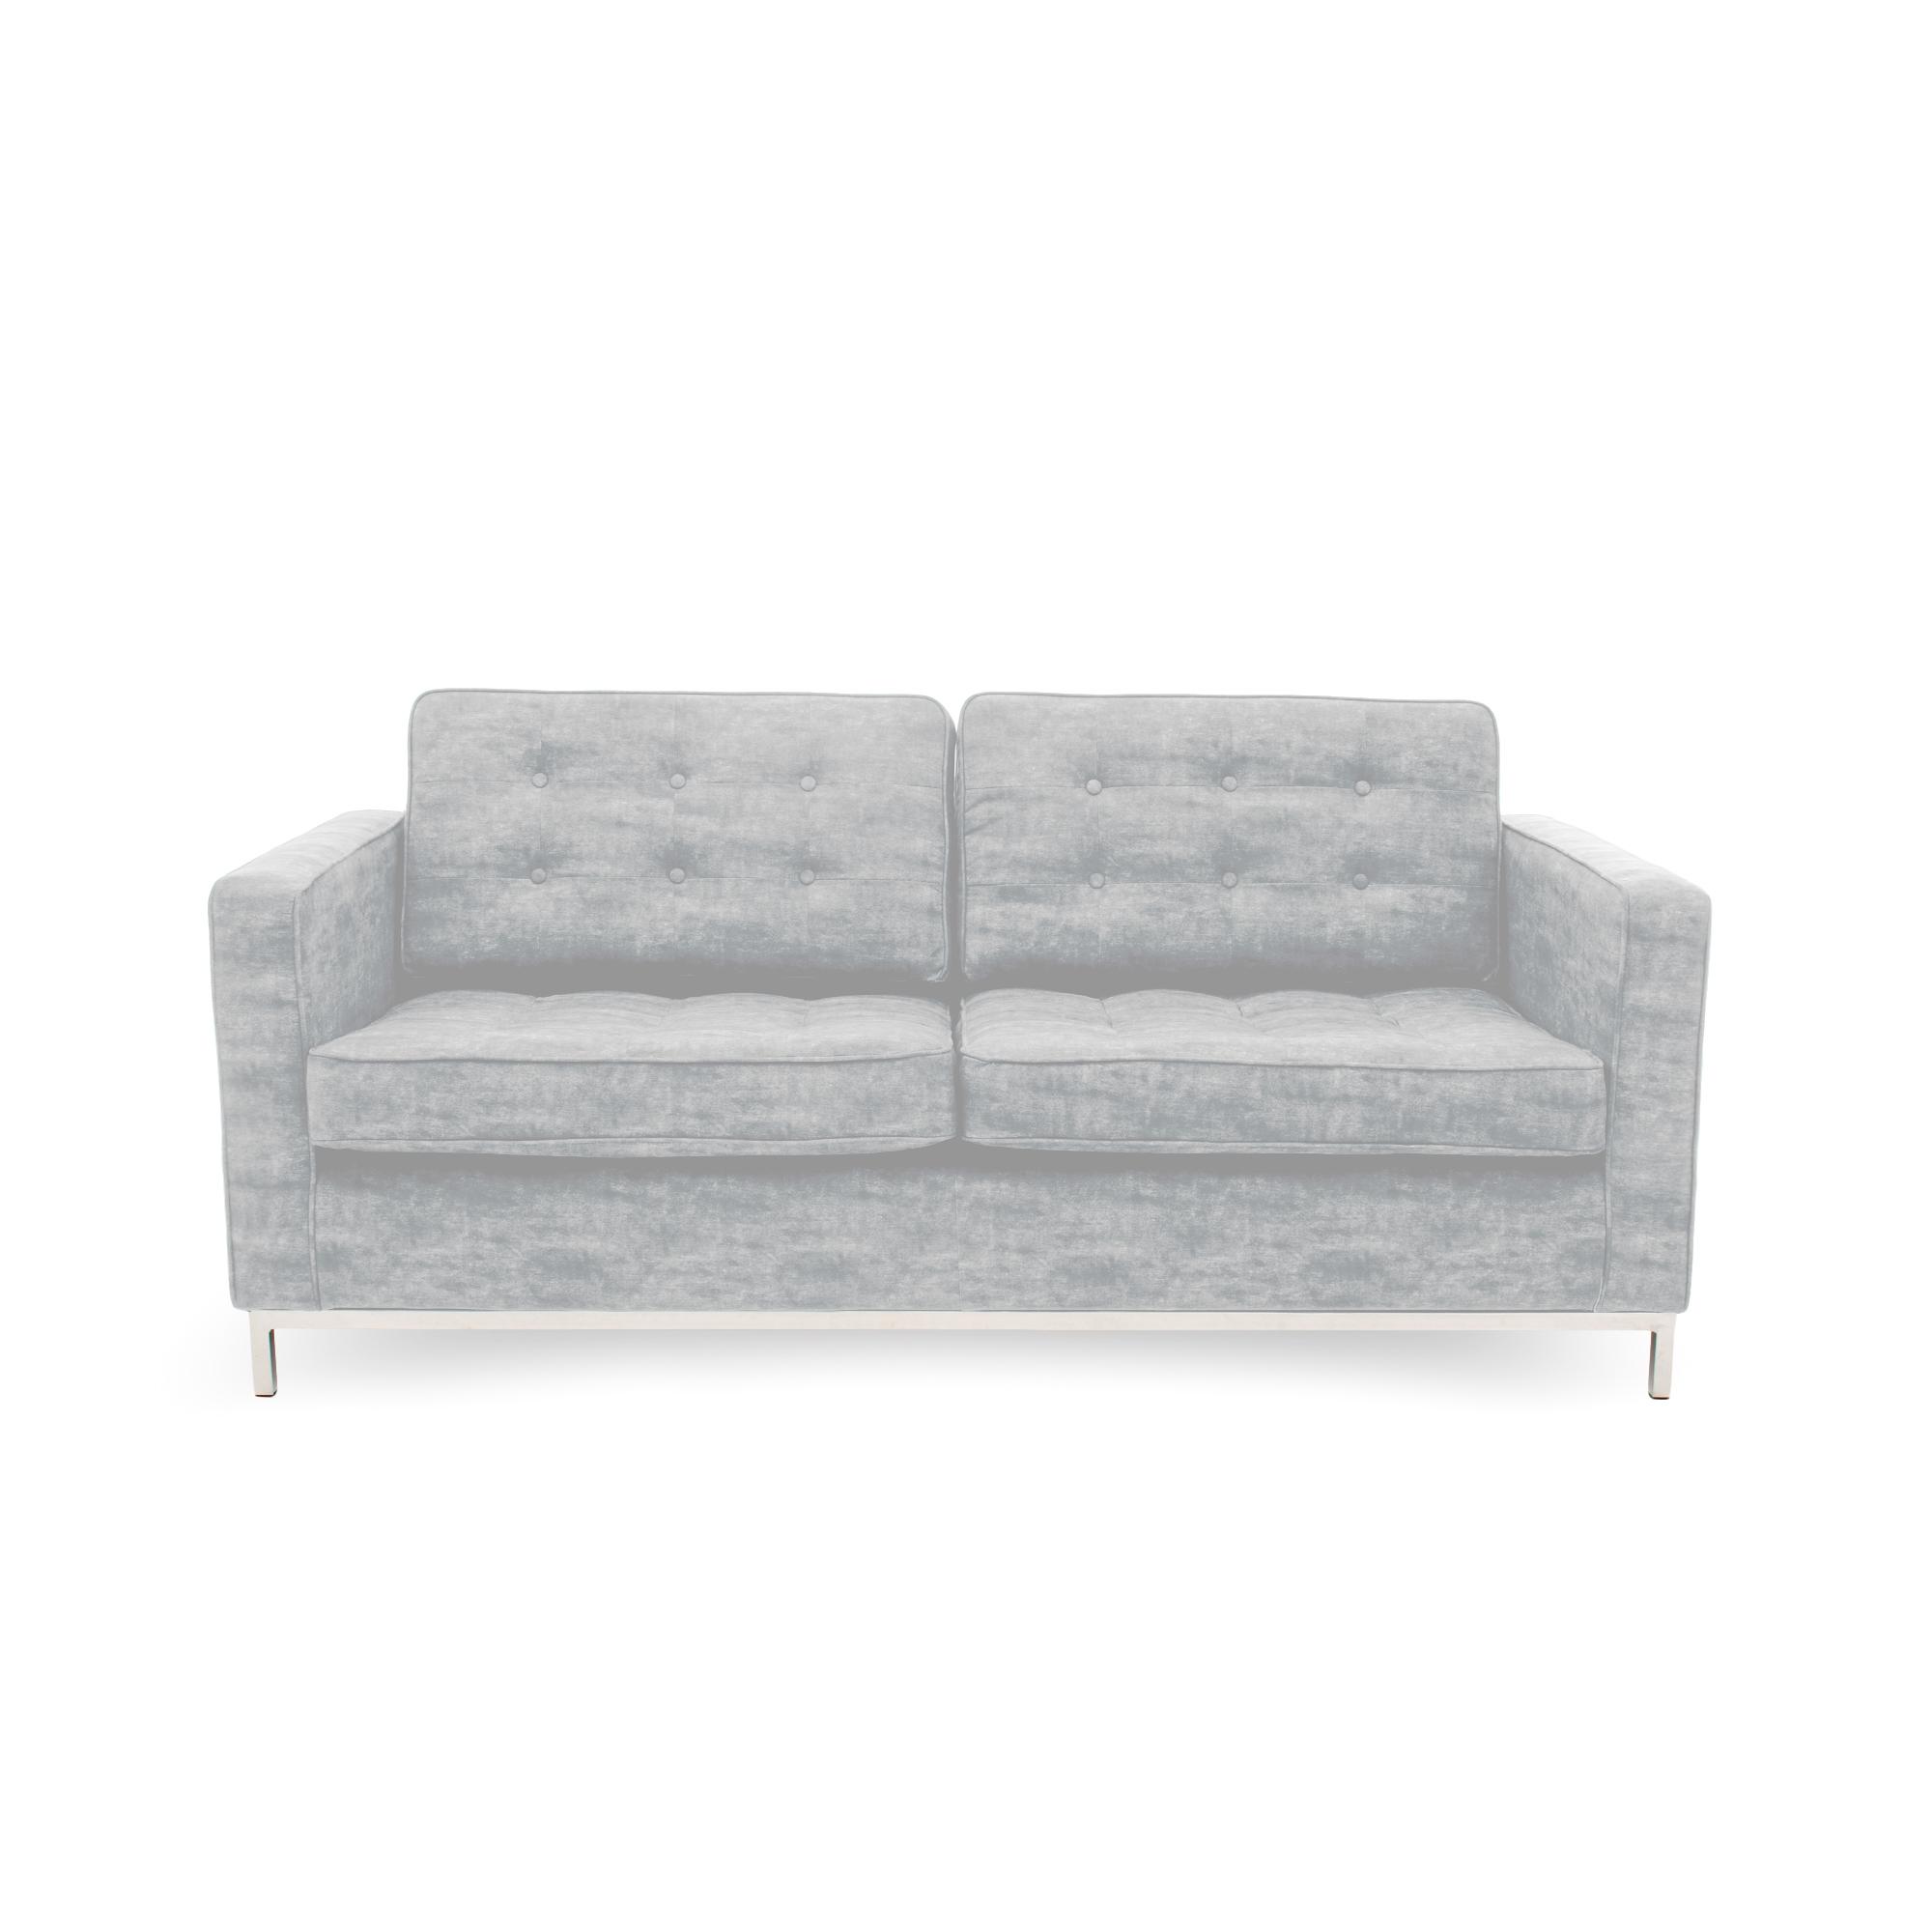 Canapea Fixa 3 locuri Ben Light Grey